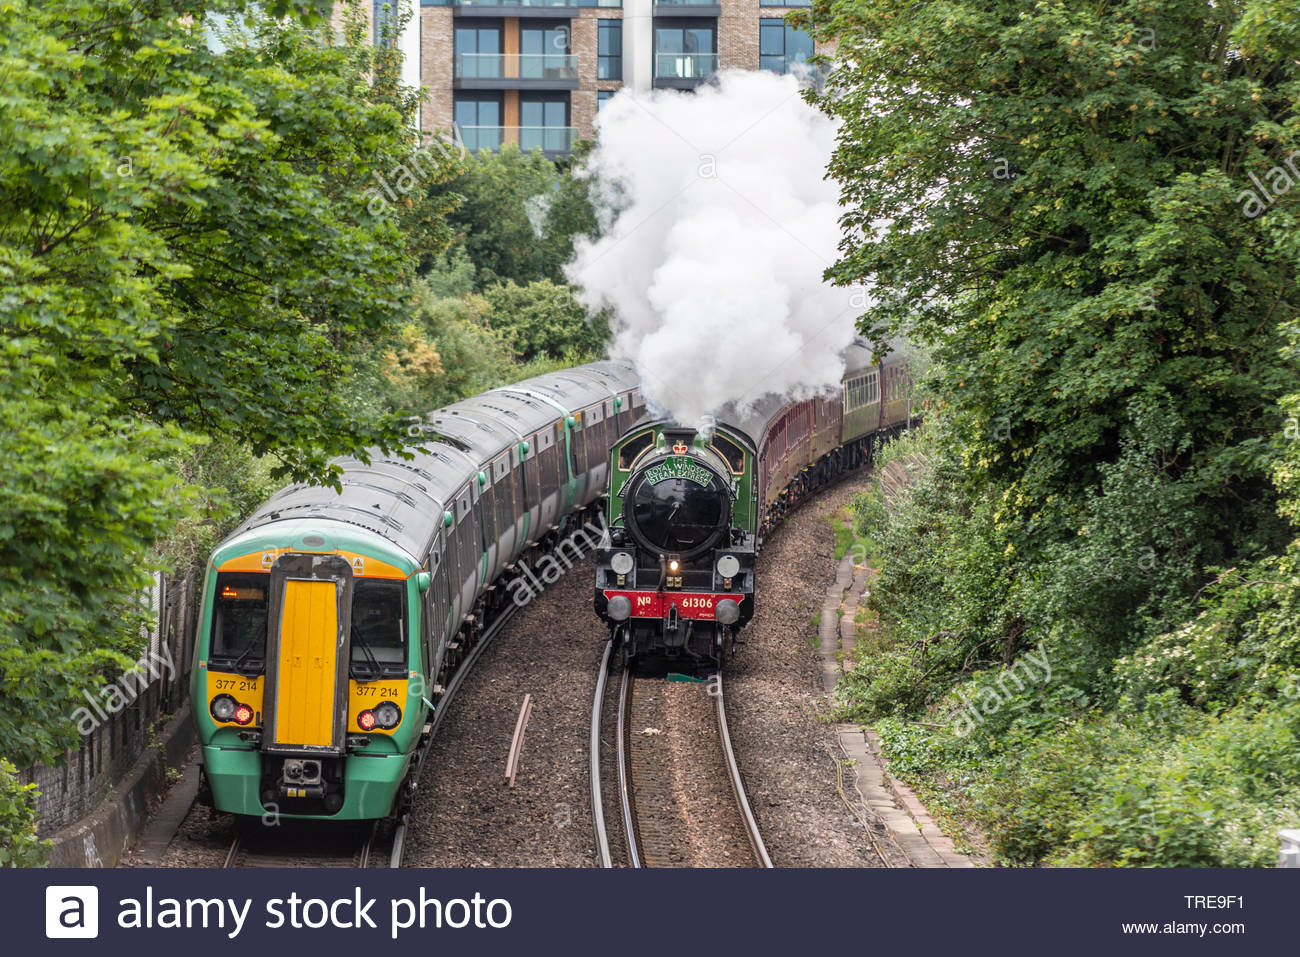 Der Dampf Träume Bahn gestartet haben, einen linienverkehr zwischen London Waterloo und Windsor und Eton Riverside läuft 3 Mal am Tag an Dienstagen zwischen Juni und September, dem ersten geplanten Mainline steam Routen seit dem Ende von Dampf in den späten 1960er Jahren. Die Services werden von den kürzlich restaurierten Mayflower, eine Klasse B1 im Jahr 1948 für die britische Eisenbahn gebaut. Der erste Zug gesehen, die durch Chelsea kurz nach Abreise Stockbild